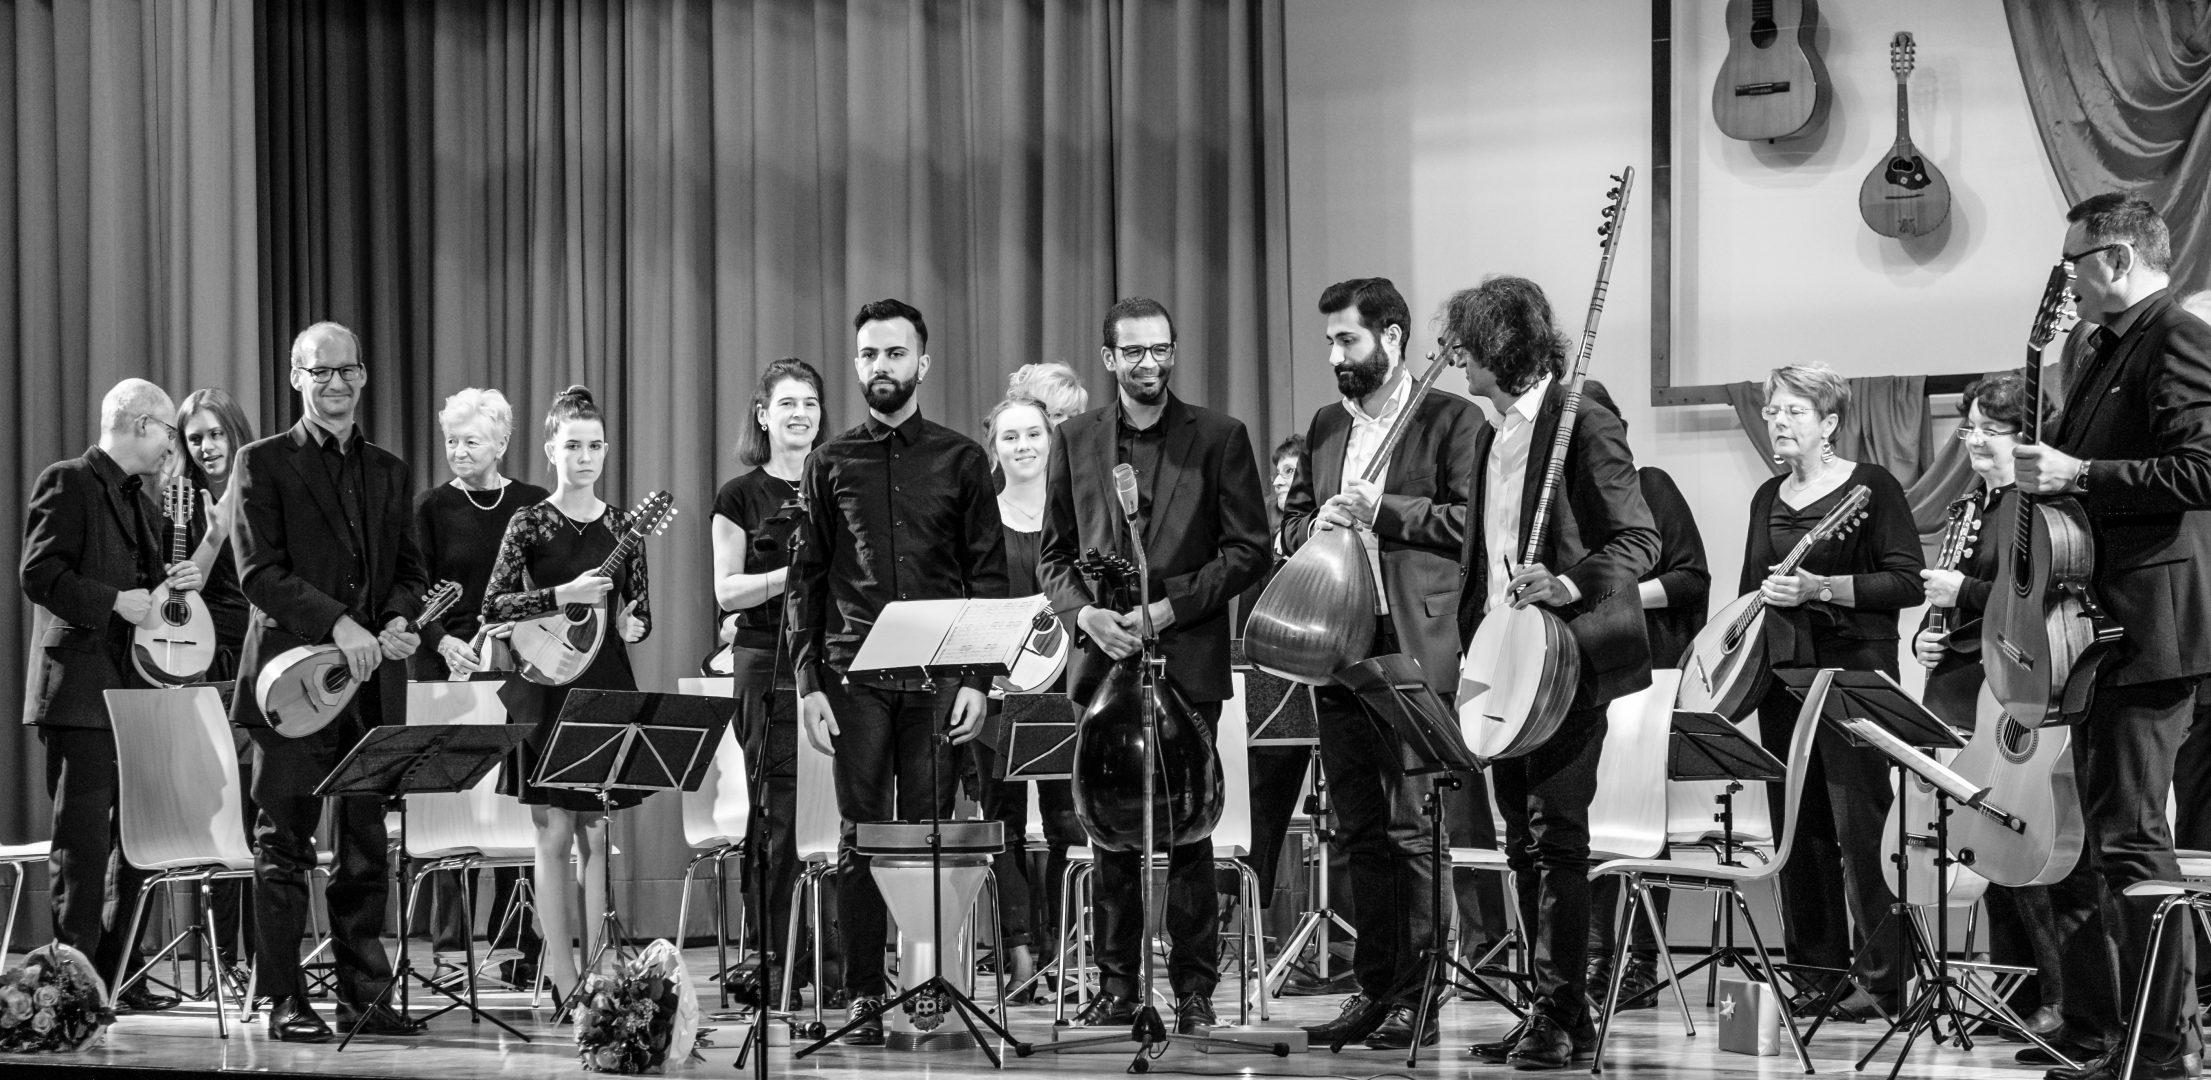 Mandolinata Mannheim und Orientalische Musikakademie Mannheim im Konzert in der Kulturhalle Feudenheim am 26.11.2017